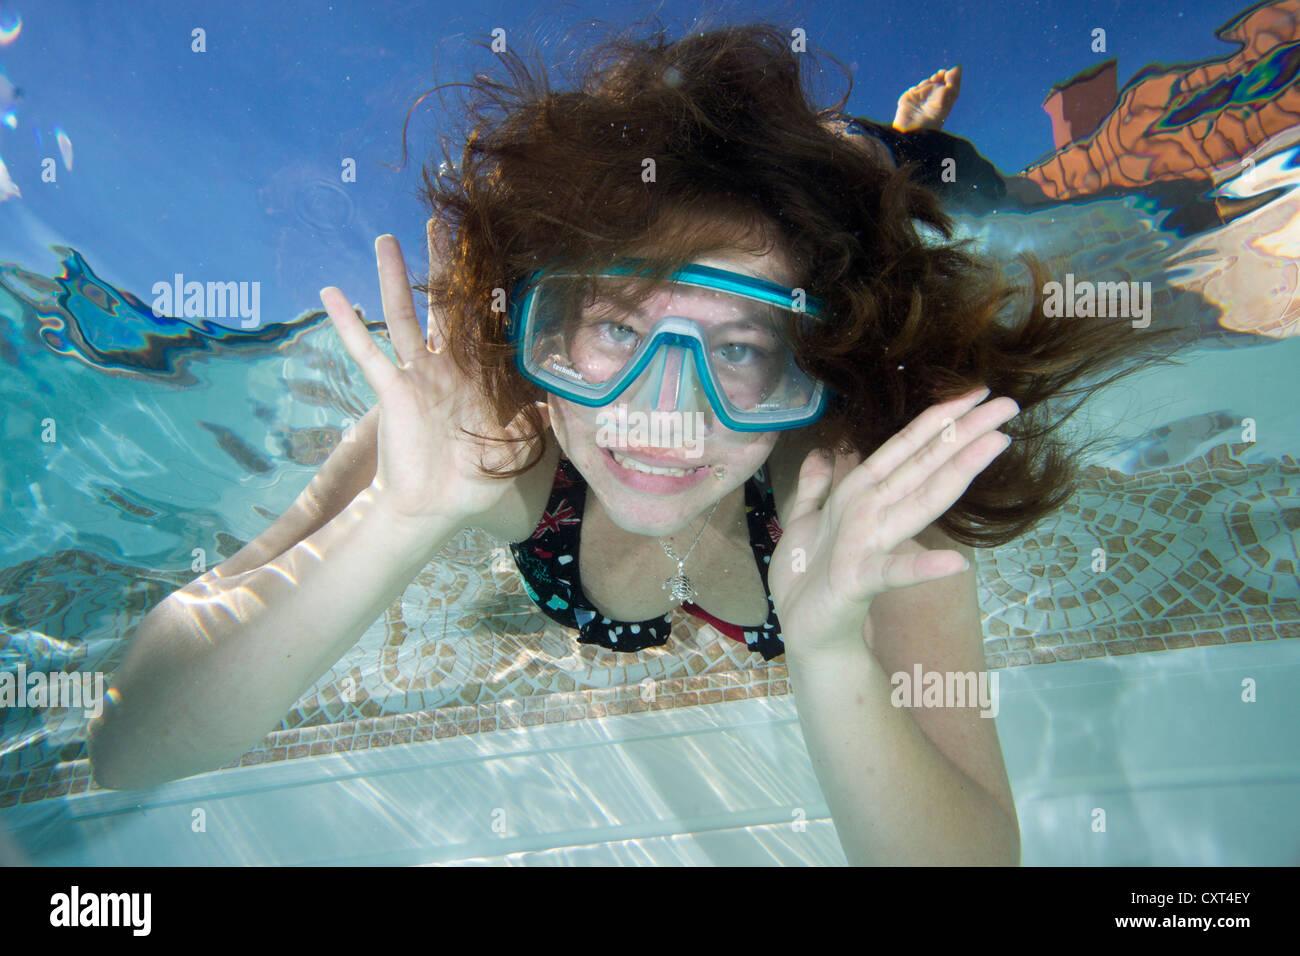 Ausgezeichnet Taucher Färbung Seite Fotos - Malvorlagen-Ideen ...